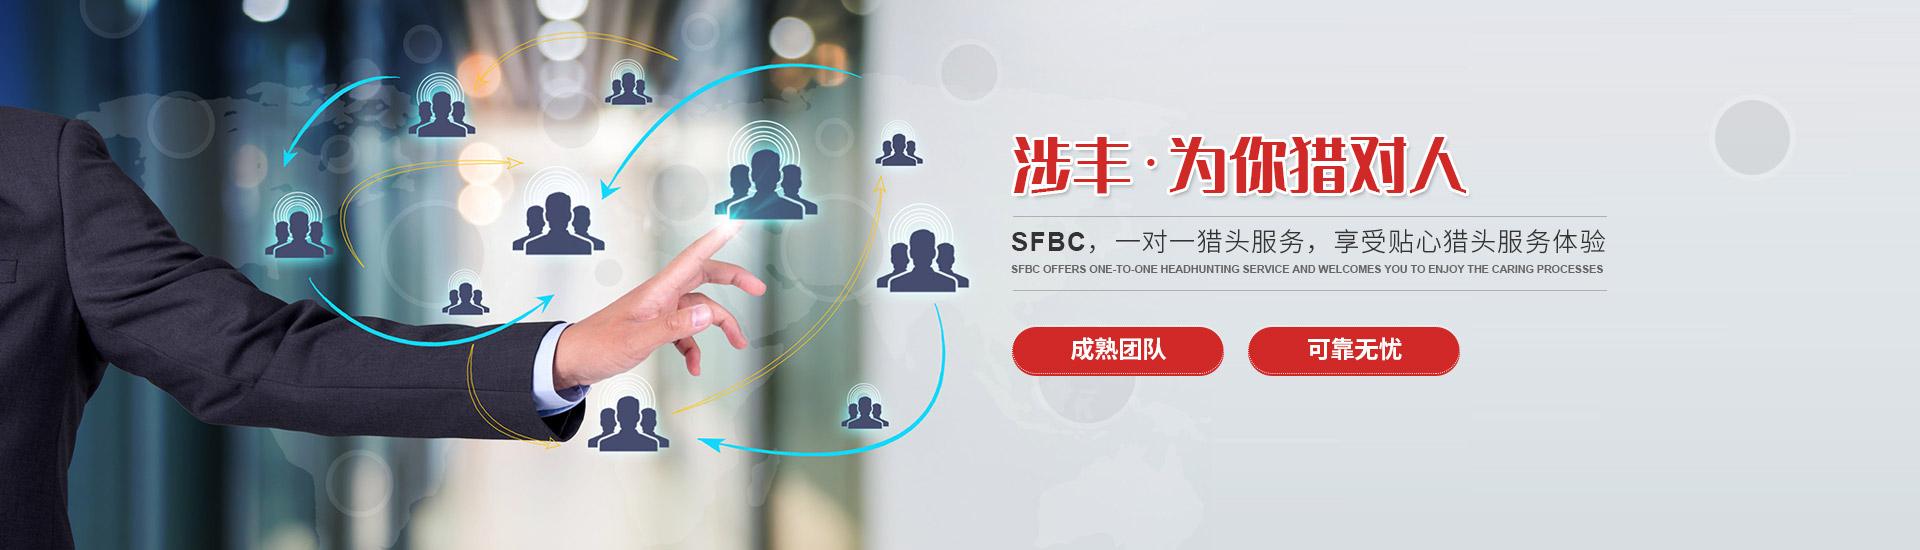 涉丰商务咨询(上海)有限公司